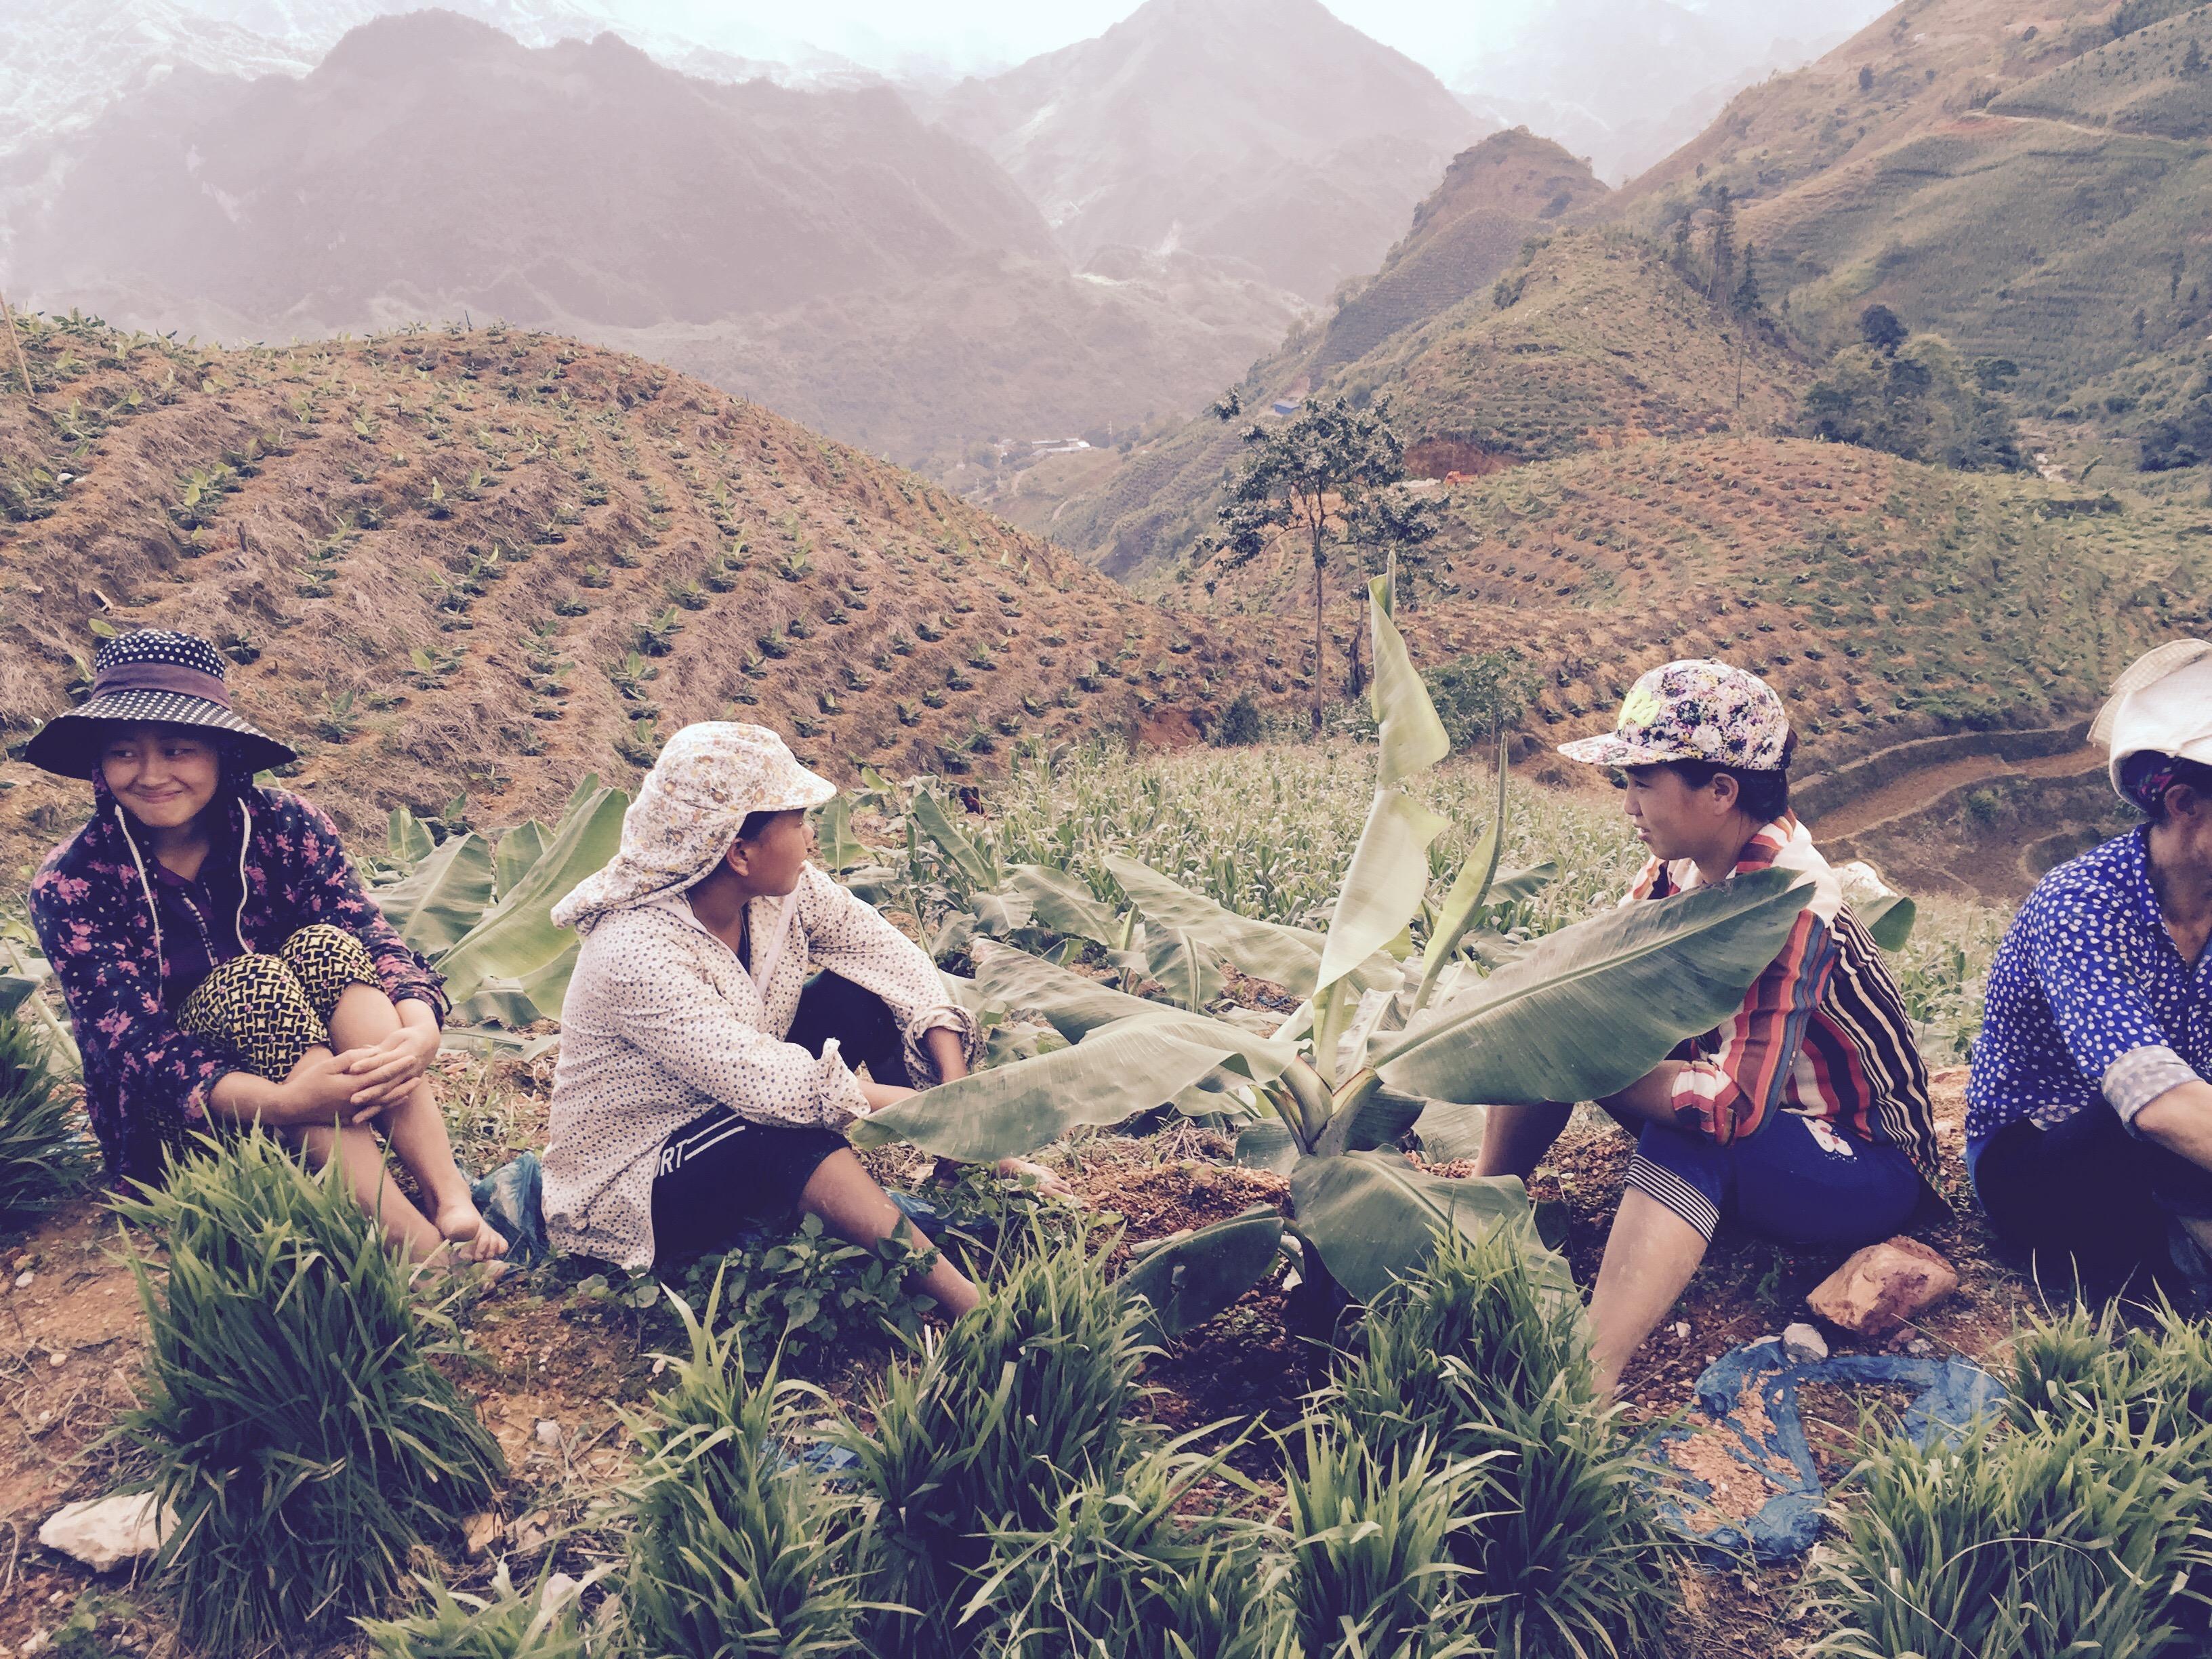 一些越南妇女也会来村子里做帮工  作者供图